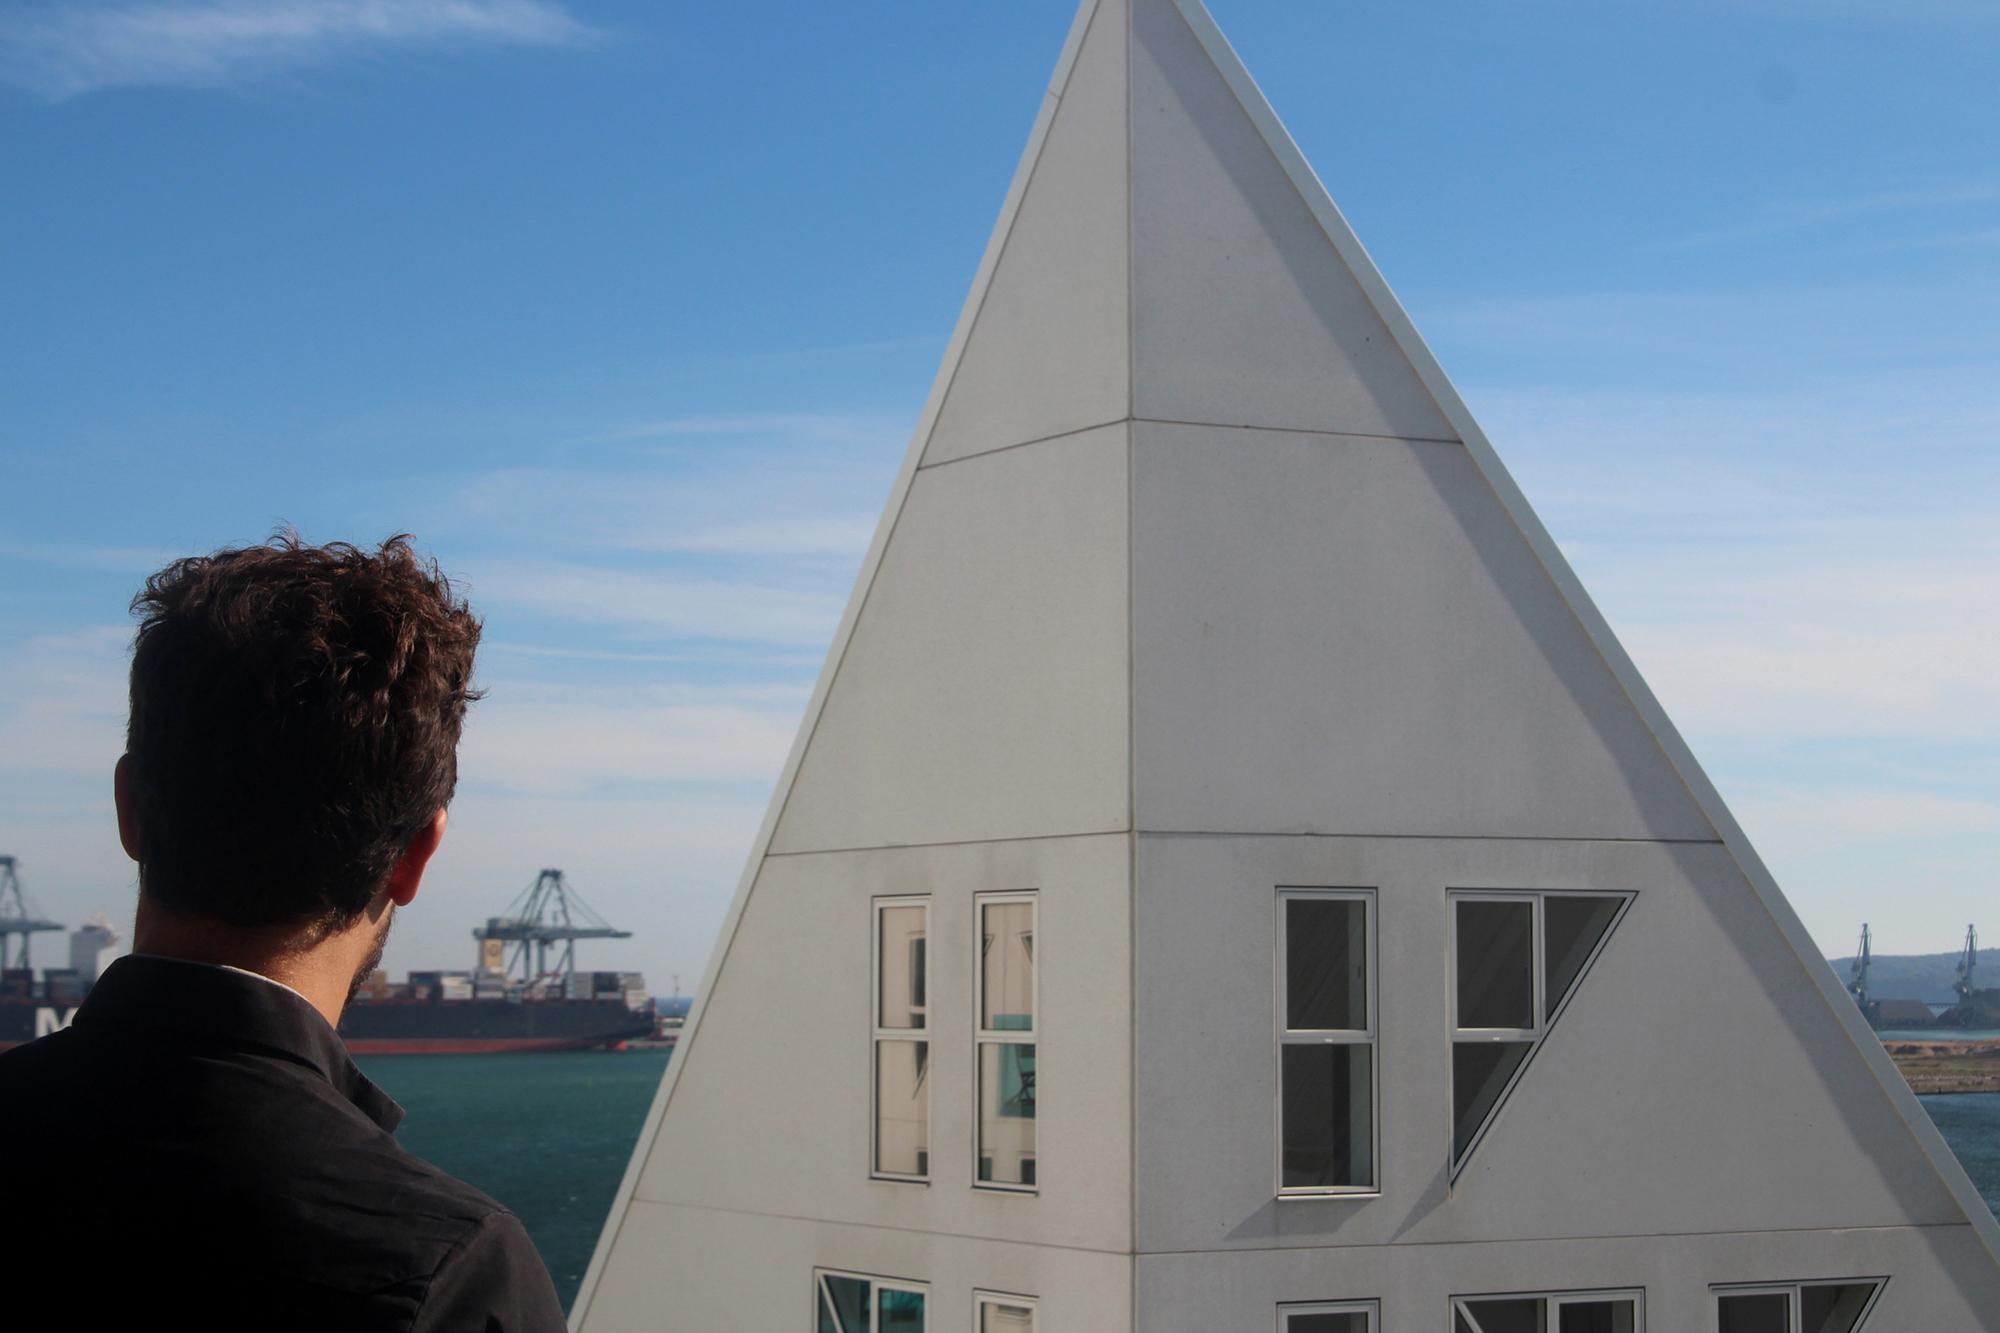 ¿Vale la pena invertir en buena arquitectura? El caso del 'Iceberg' en Aarhus, Dinamarca